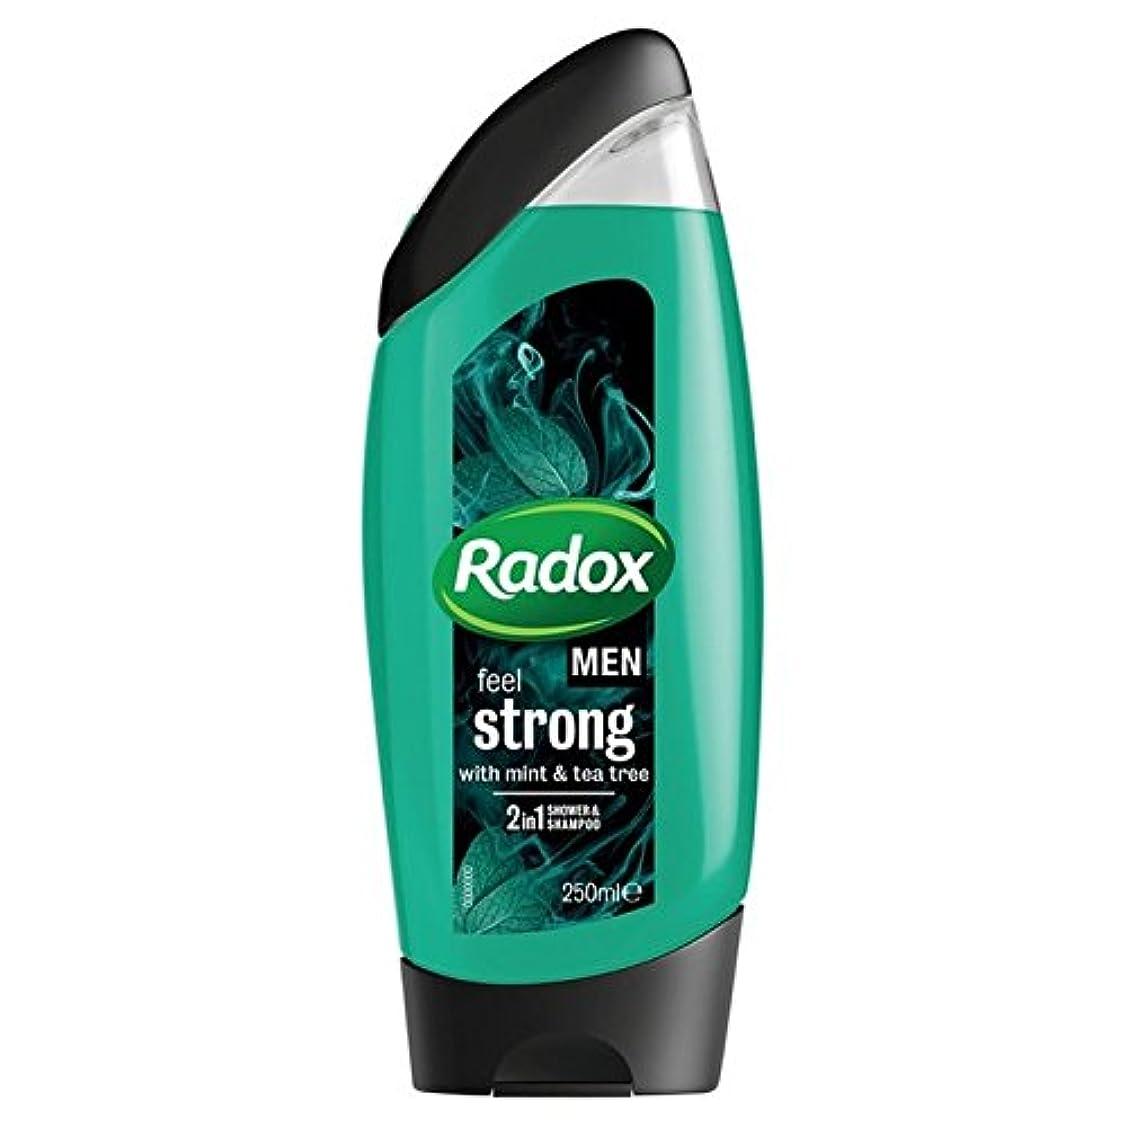 限りペックアンビエント男性は、強力なミント&ティーツリーの21のシャワージェル250ミリリットルを感じます x2 - Radox Men Feel Strong Mint & Tea Tree 2in1 Shower Gel 250ml (Pack of 2) [並行輸入品]